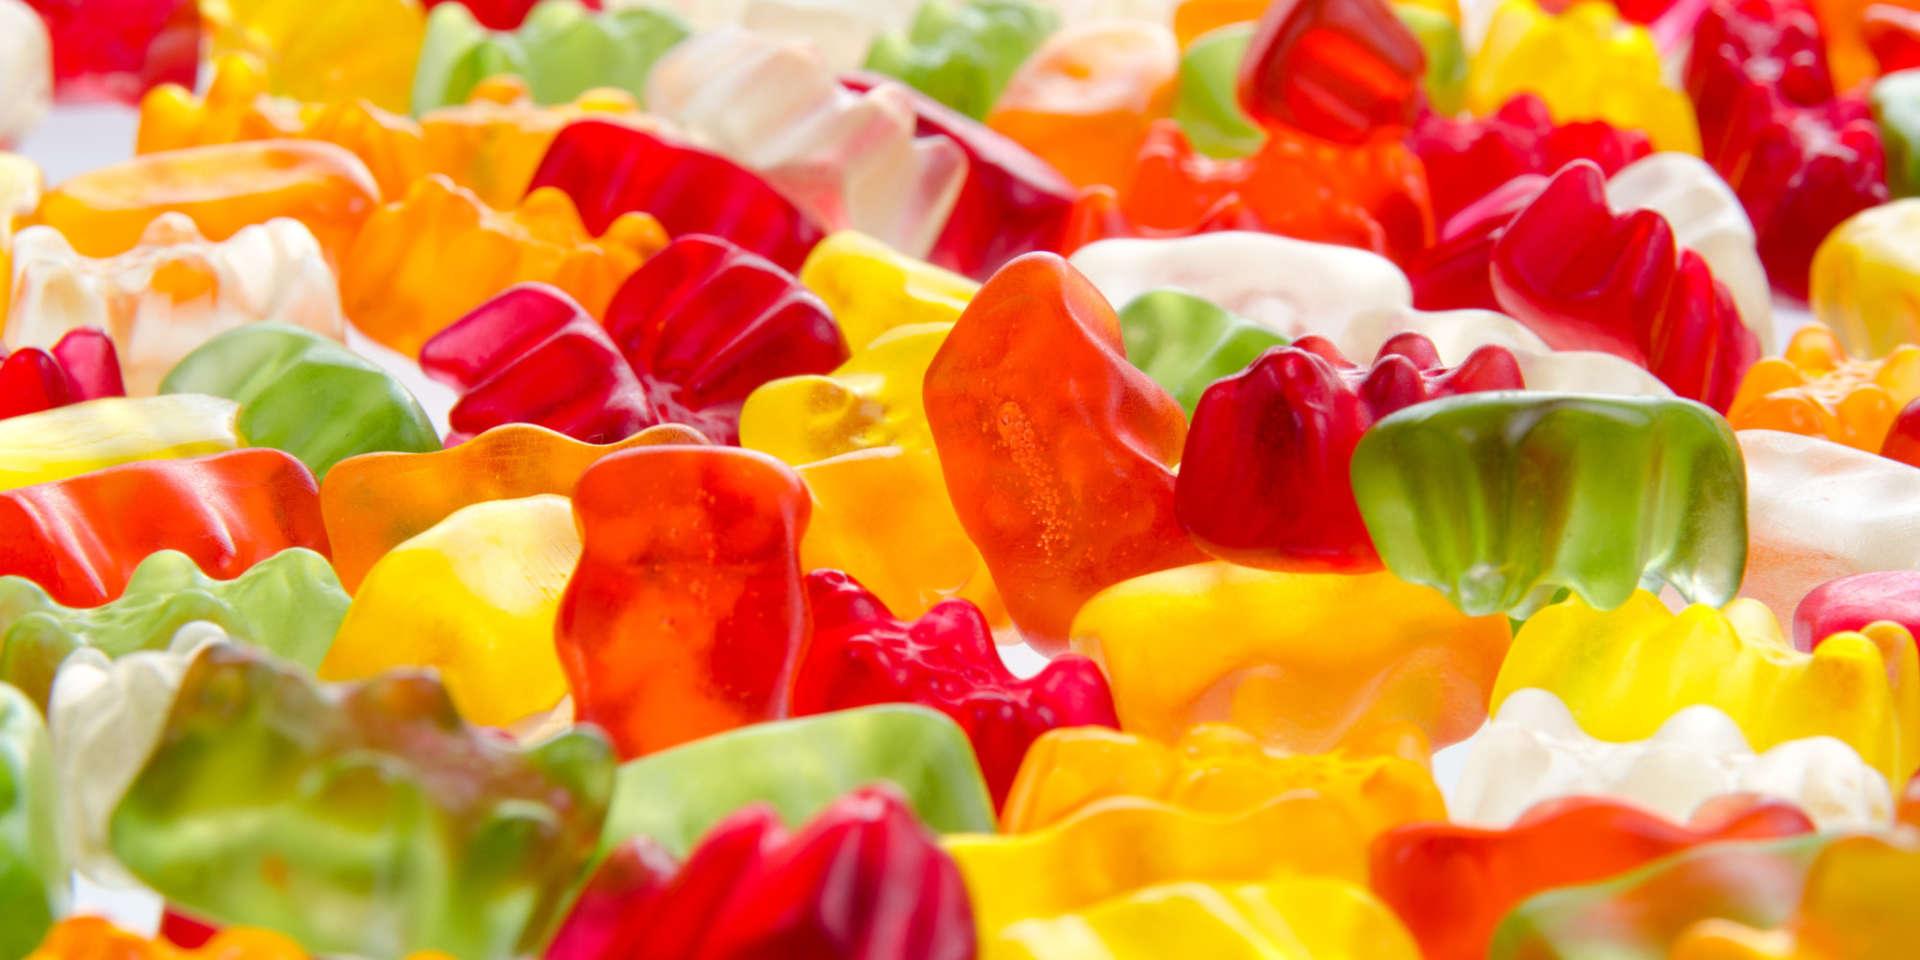 Haribo sweet Museum